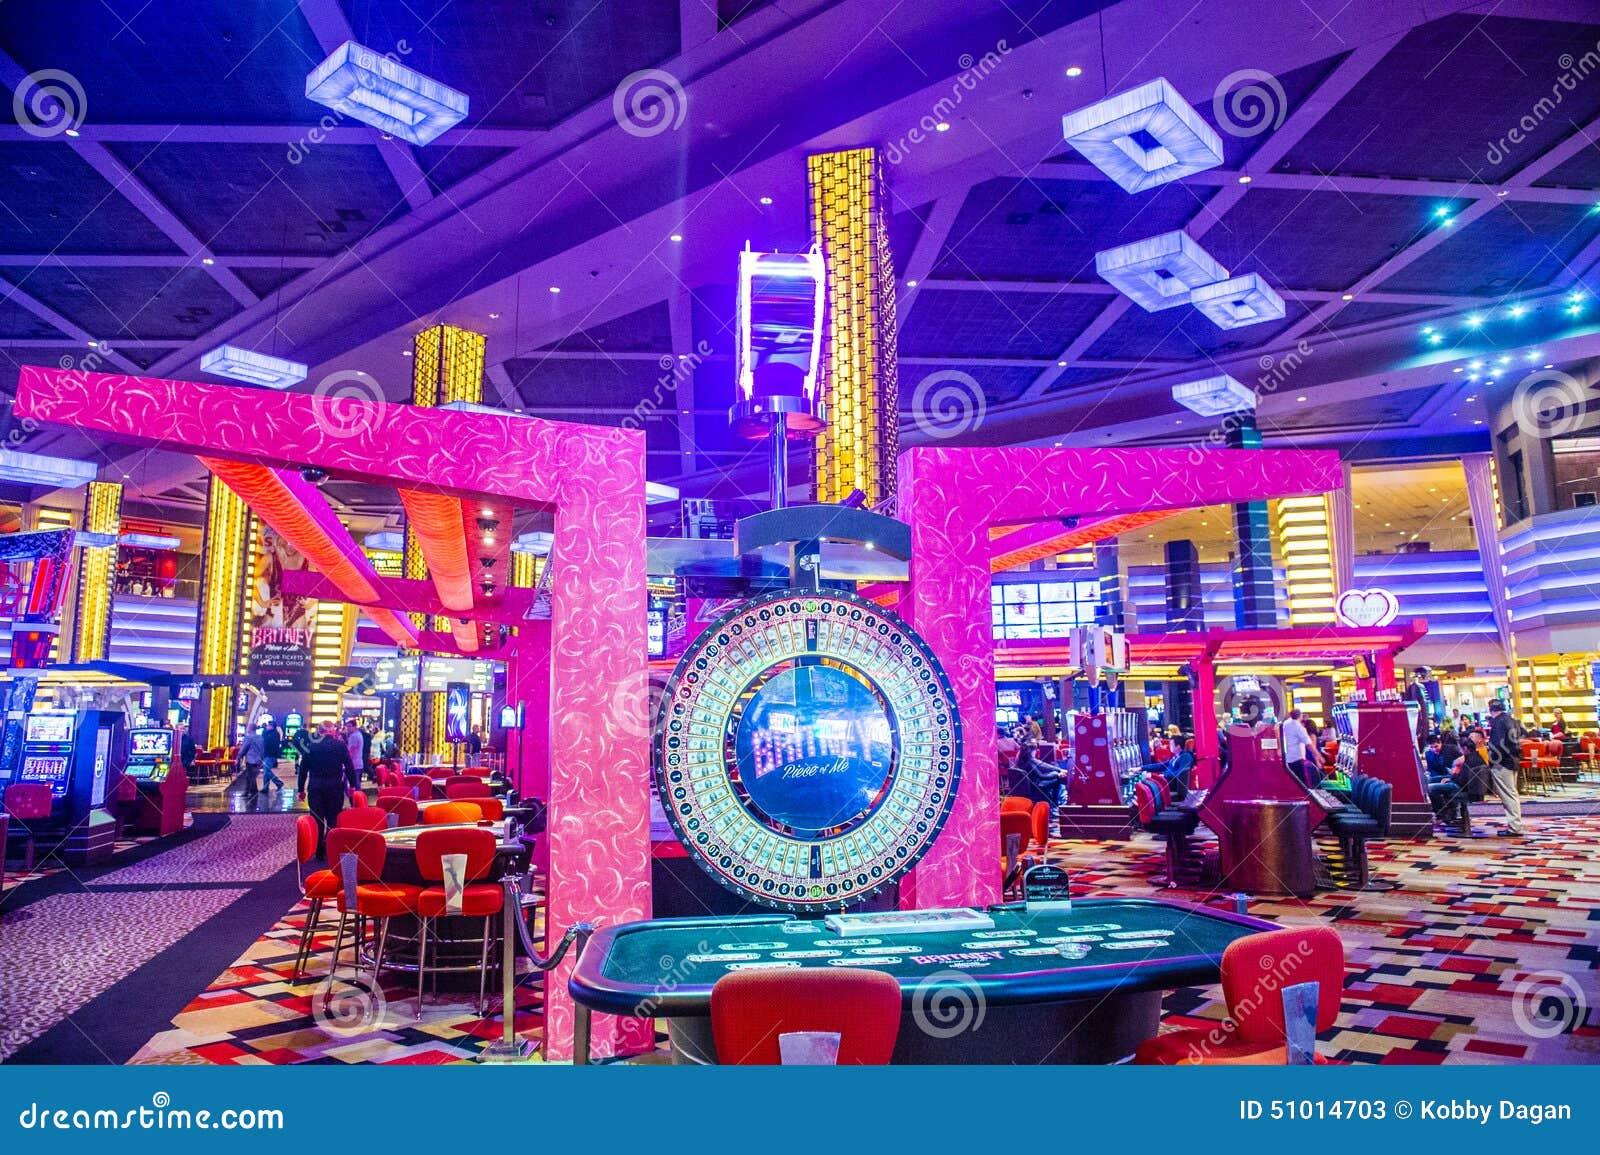 Glücksspiel FAQ - 764509